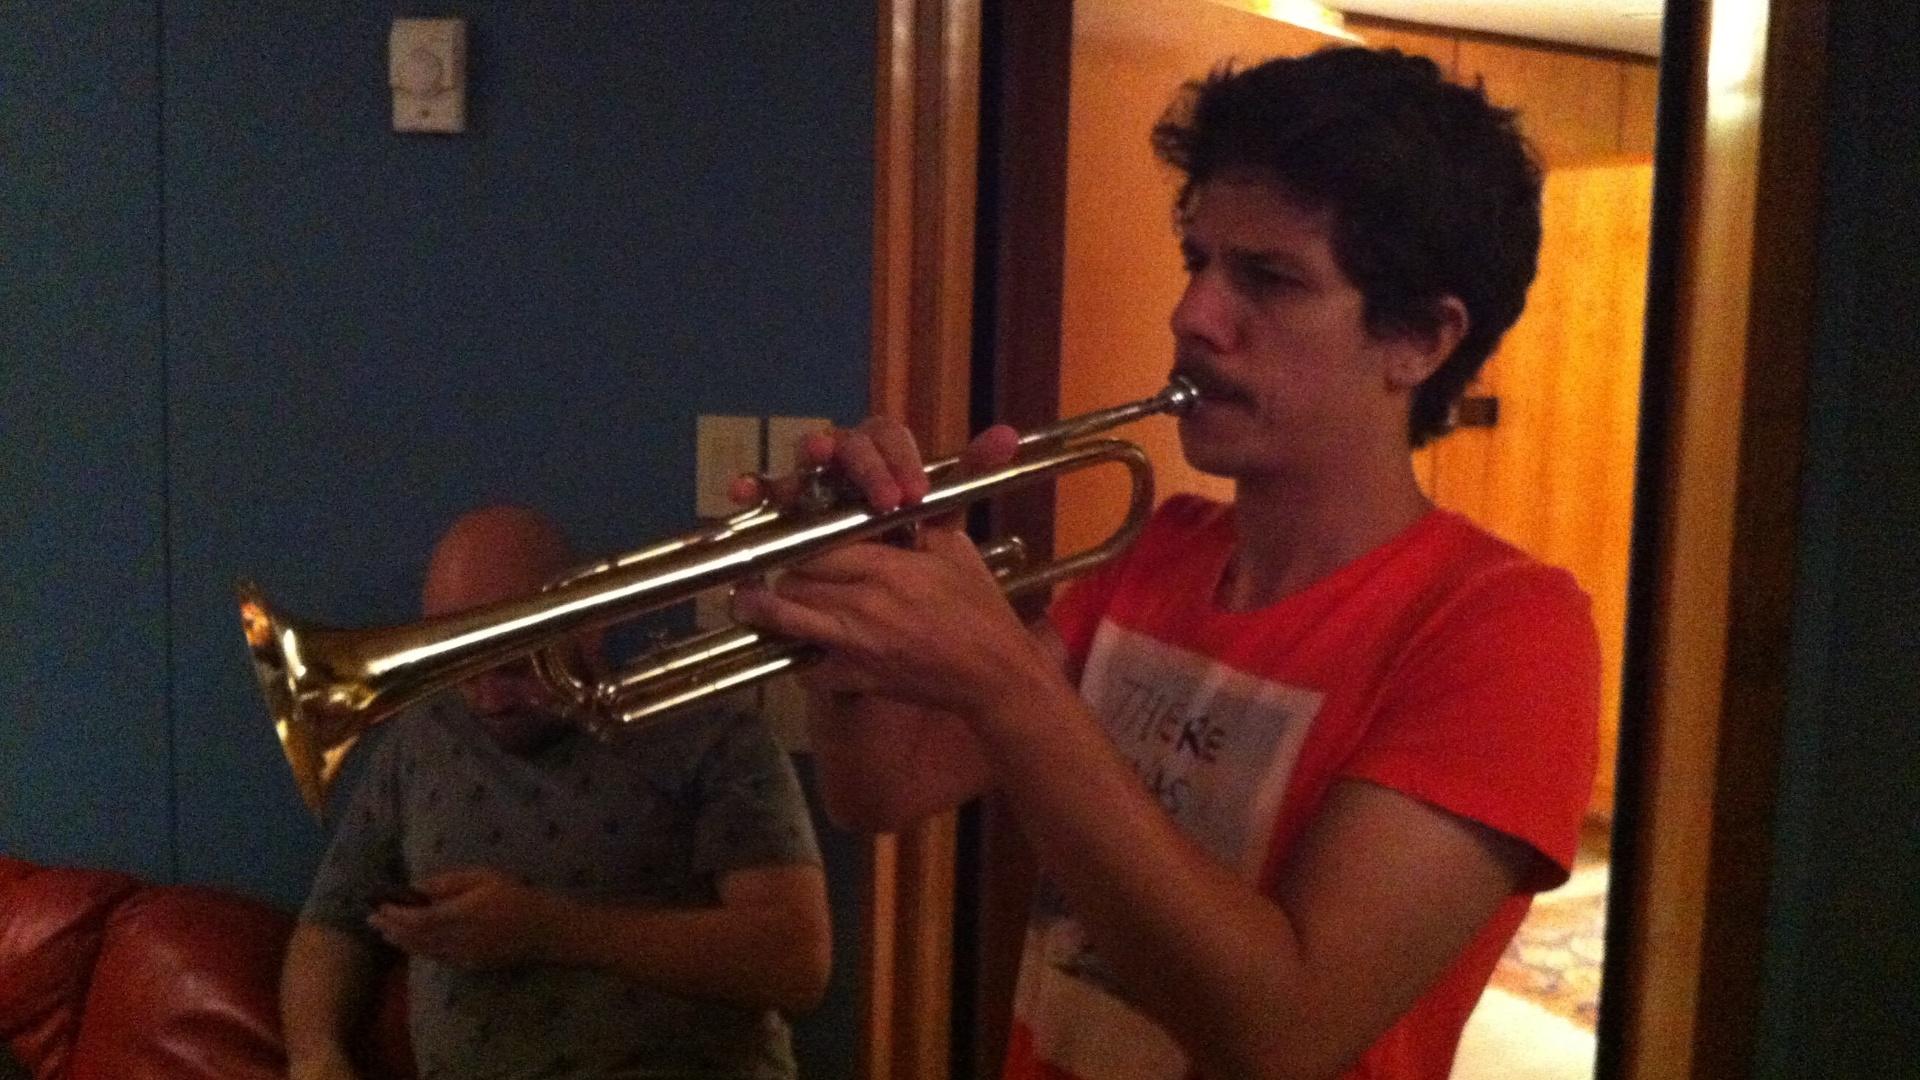 13.mar.2013 - Helio Flanders no estúdio gravando o terceiro álbum da banda Vanguart, que deverá chegar às lojas em julho